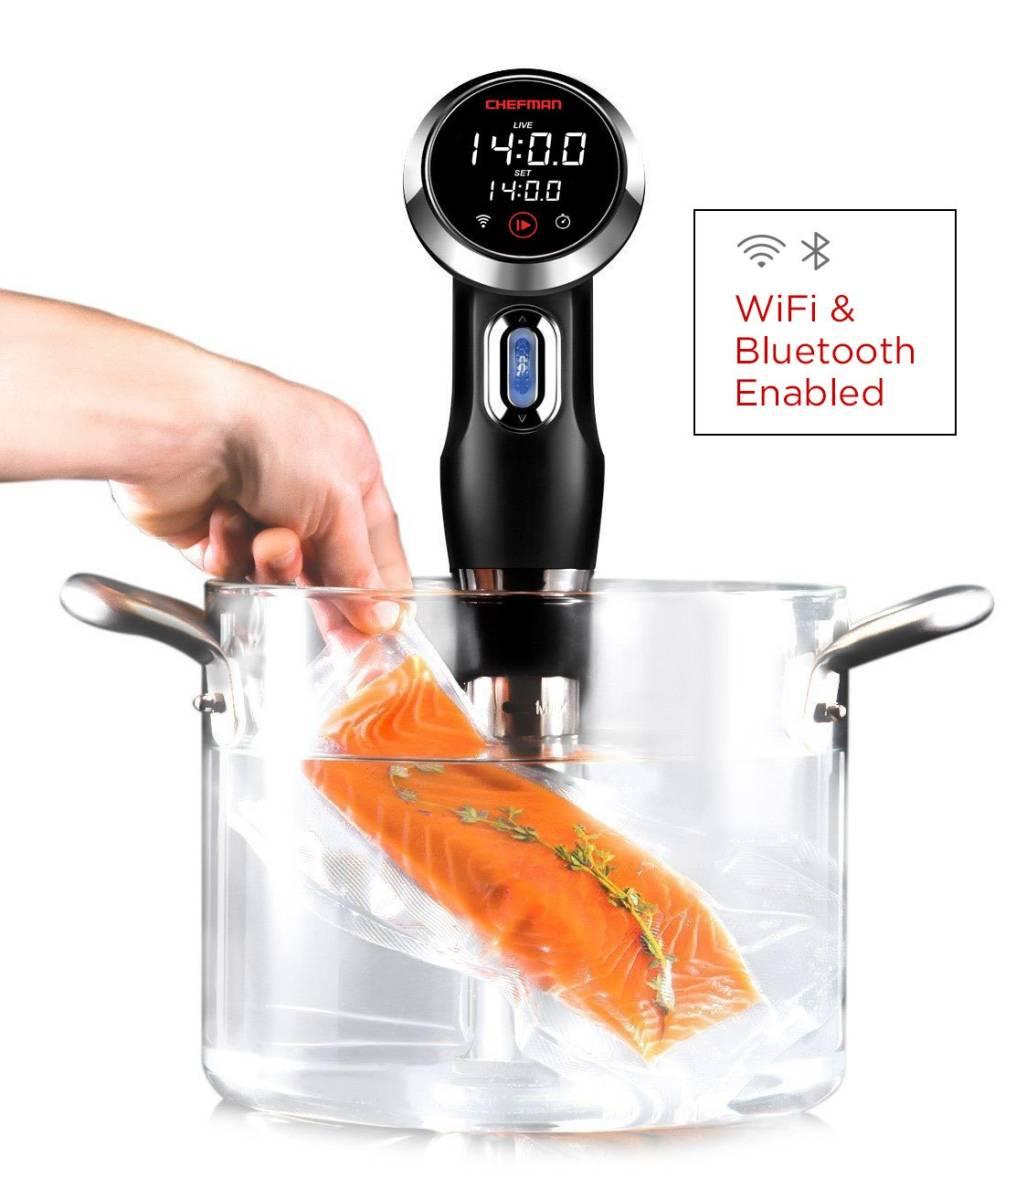 ★開封未使用 CHEFMAN Sous Vide Precision Cooker サーキュレーター タッチスクリーン Wifi & Bluetooth